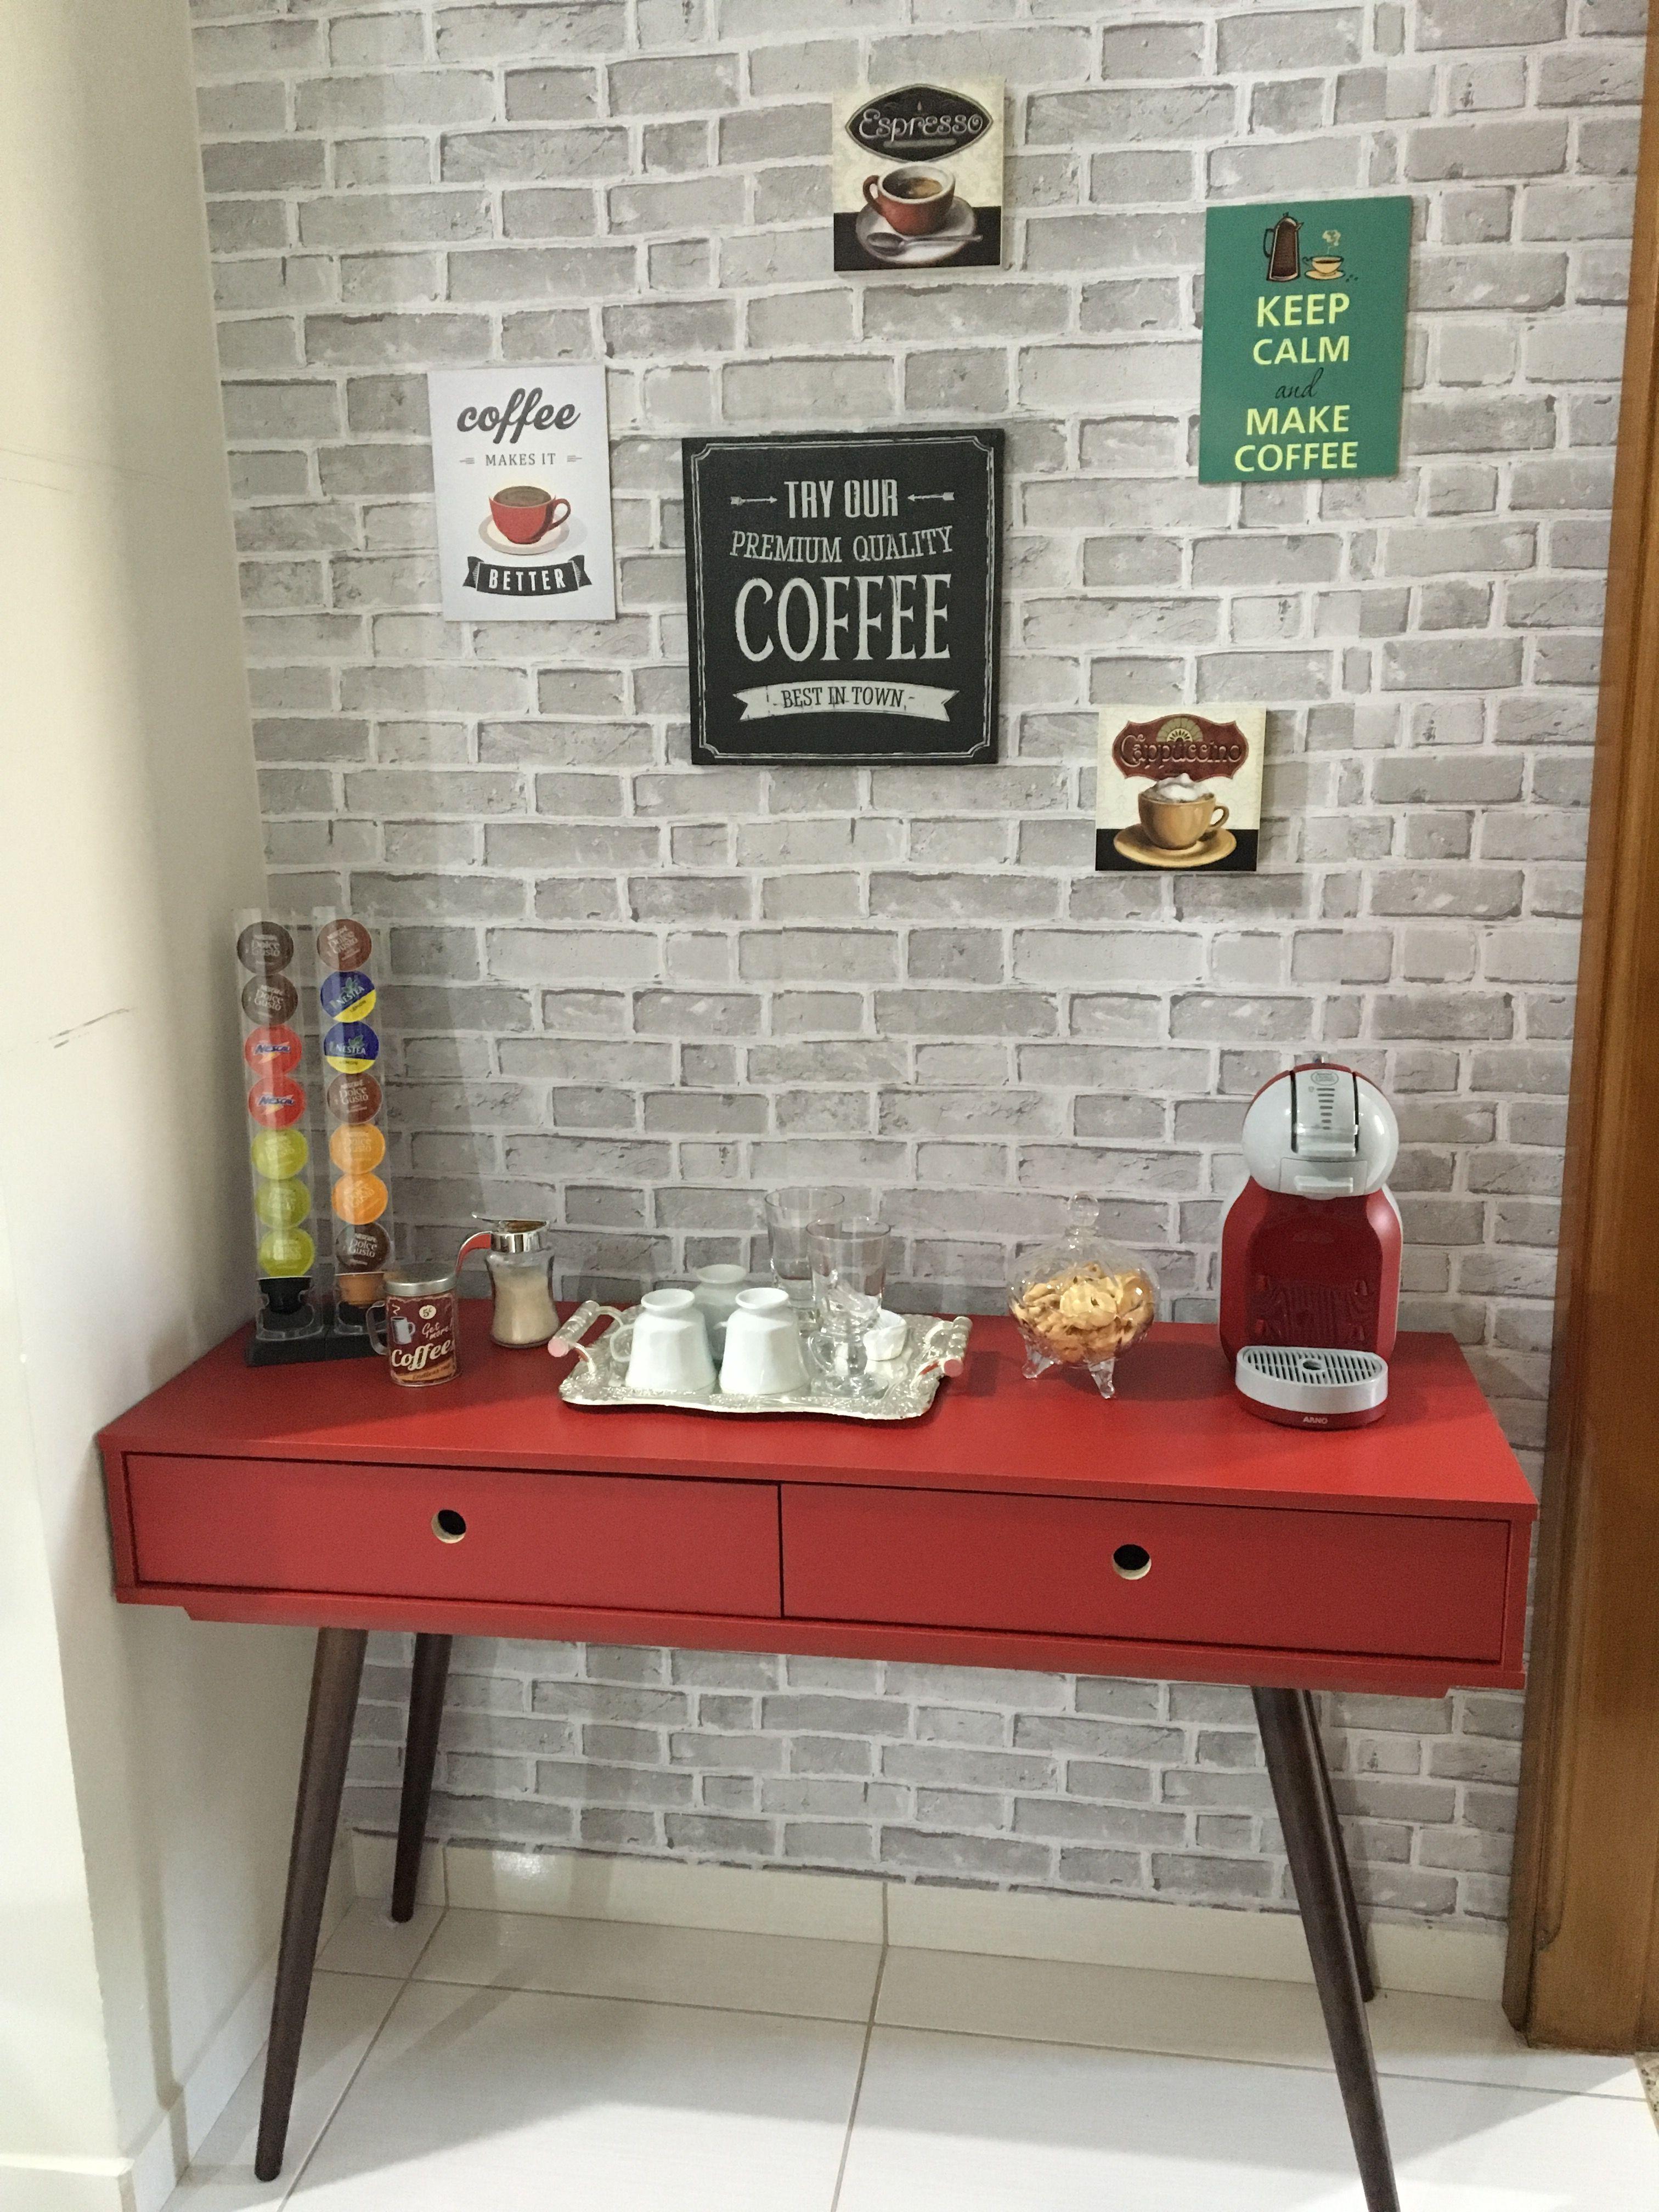 Cantinho do café! ☕ | Cozinha | Pinterest | Küche, Häuschen und Deko